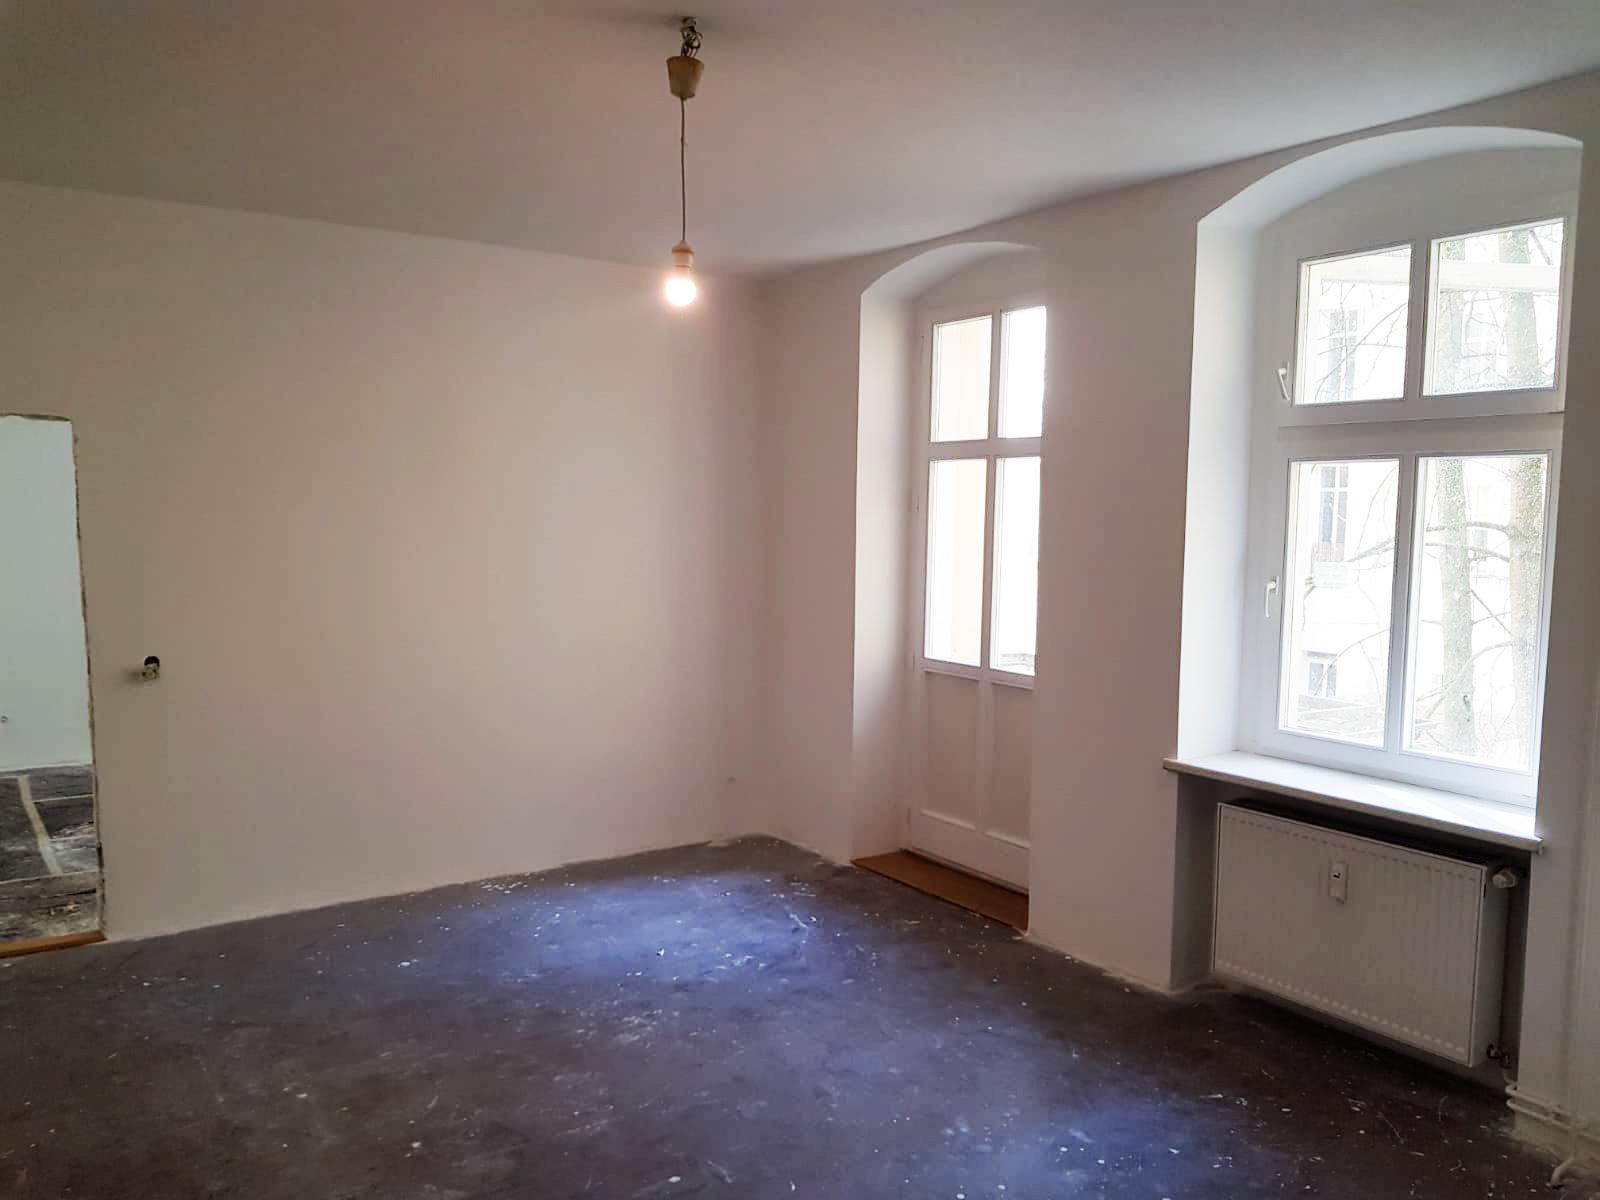 Malerarbeiten und Innenraum 5